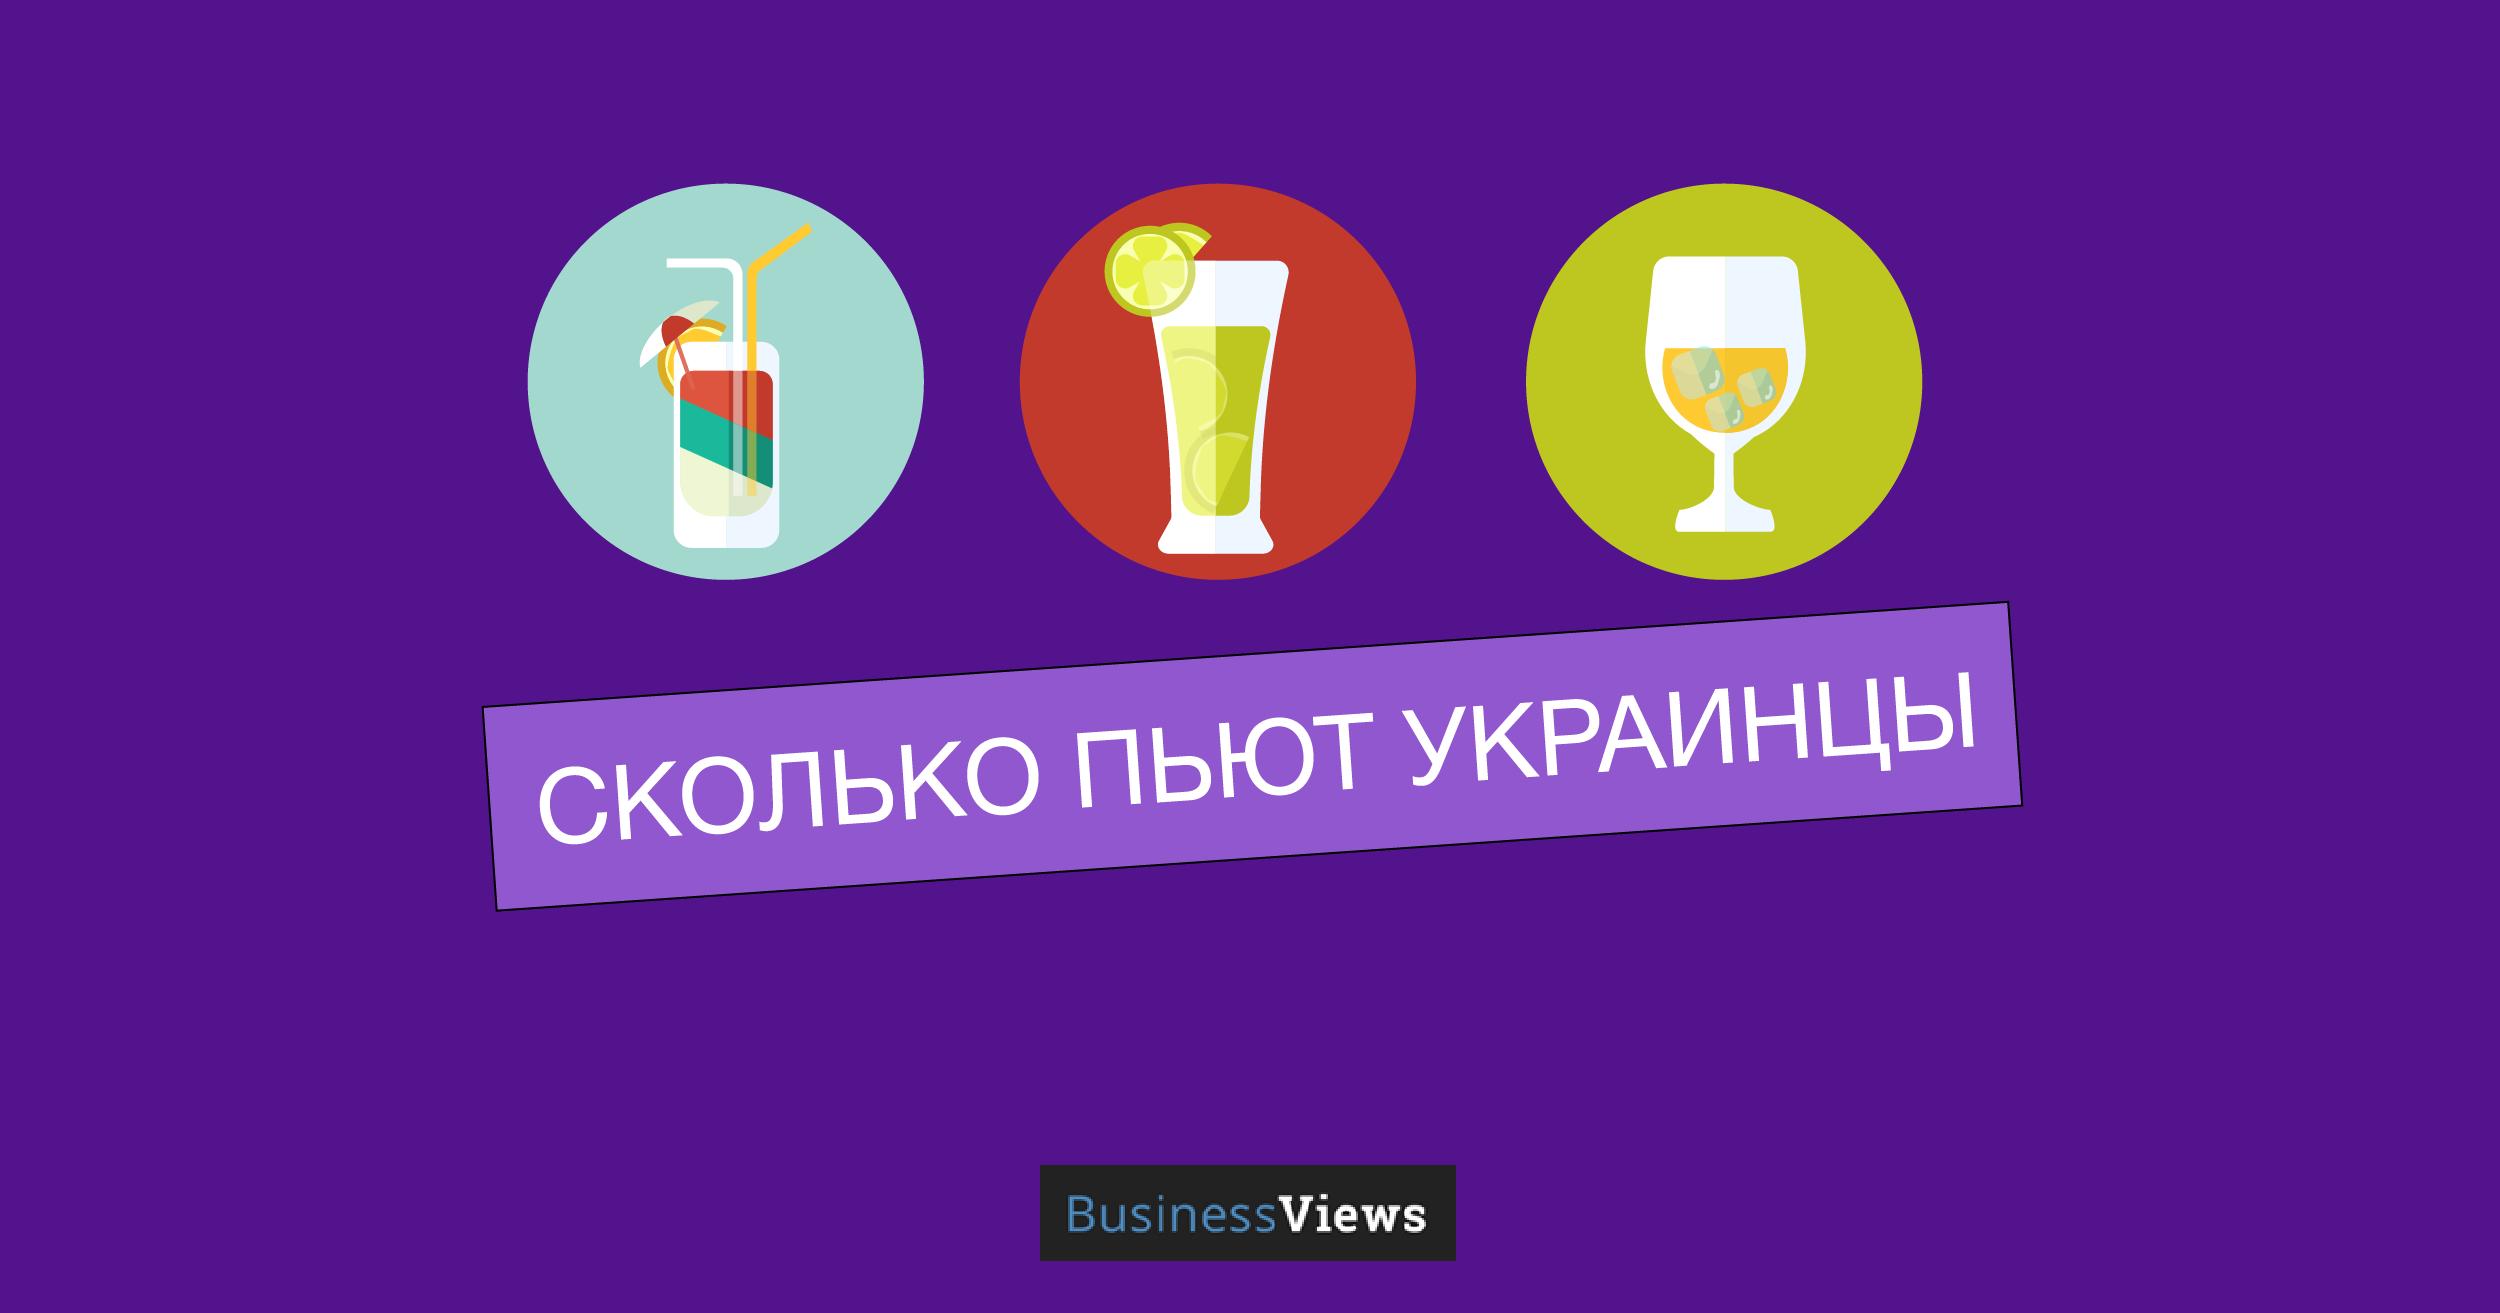 Что, где, когда: сколько пьют украинцы и какой алкоголь предпочитают